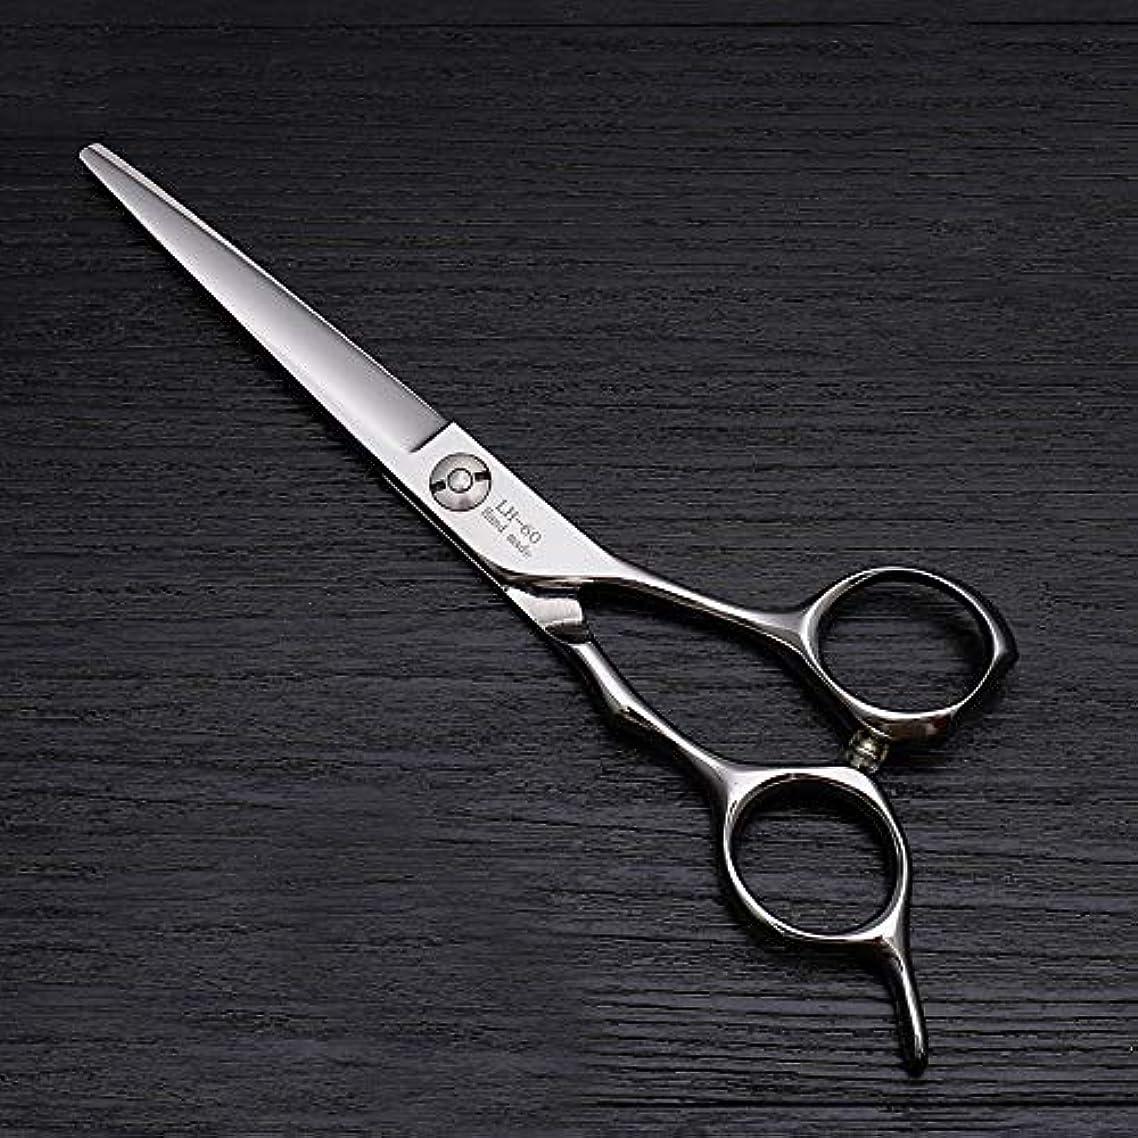 冷淡な端末測定理髪用はさみ 6インチ散髪フラットせん断、ハイエンドヘアスタイリスト特別理髪はさみ440高品質スチールヘアカットシザーステンレス理髪はさみ (色 : Silver)